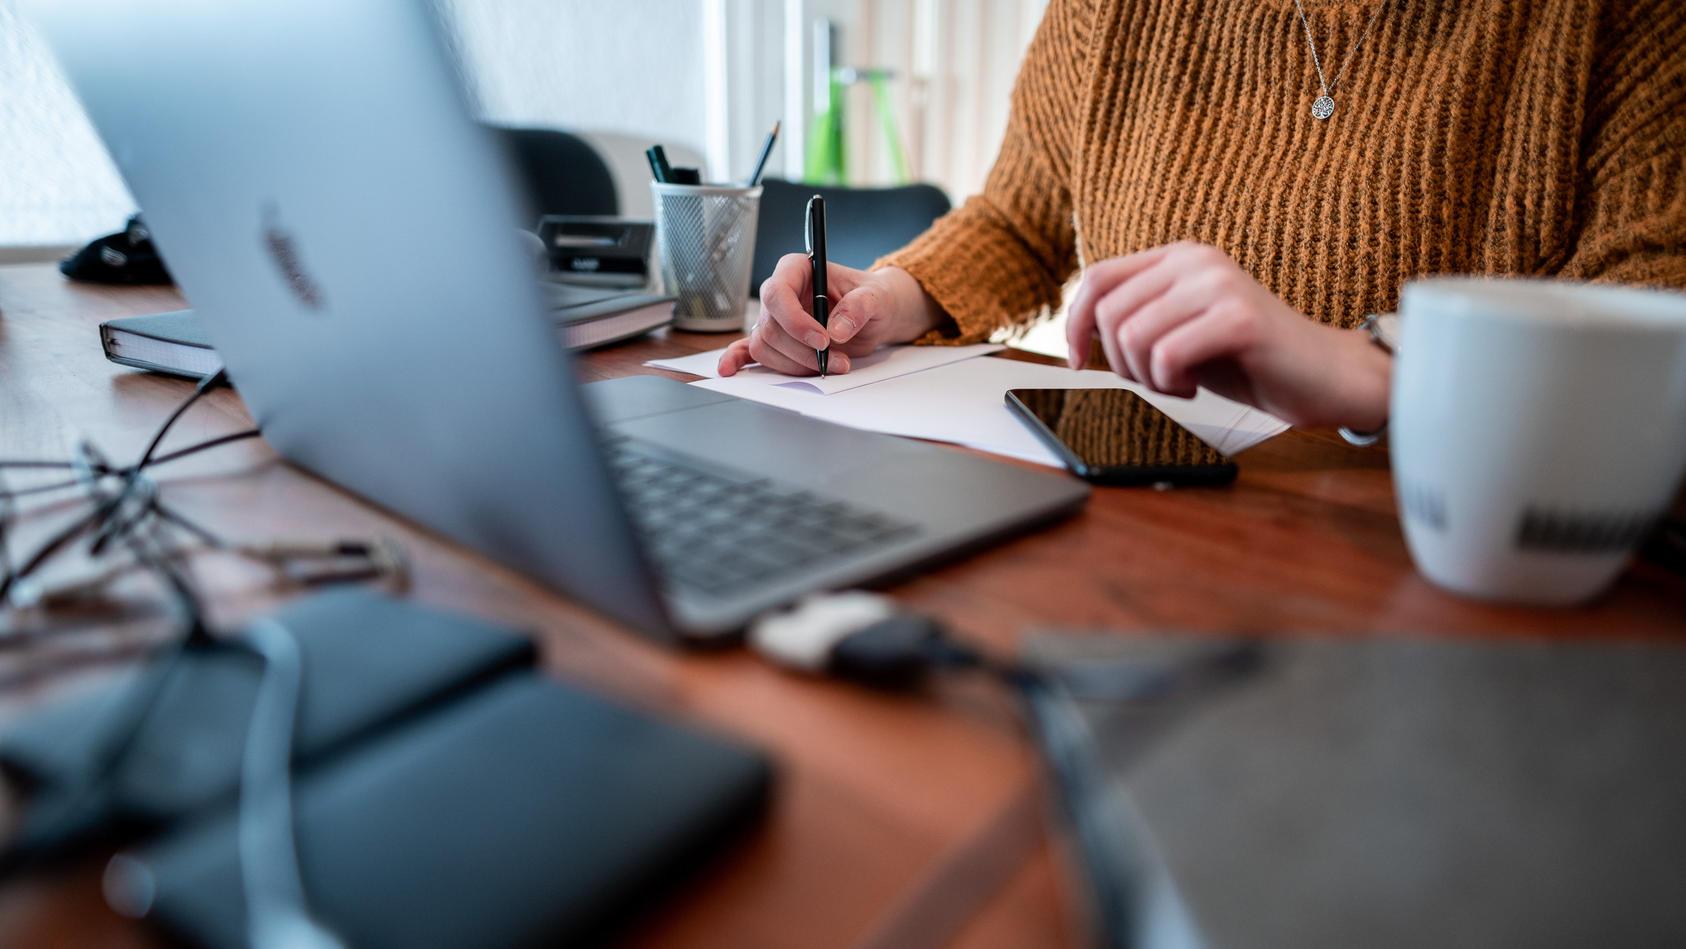 Der Arbeitgeber darf wissen, wann der Angestellte mit der Arbeit beginnt. Eine komplette Kontrolle ist aber verboten.